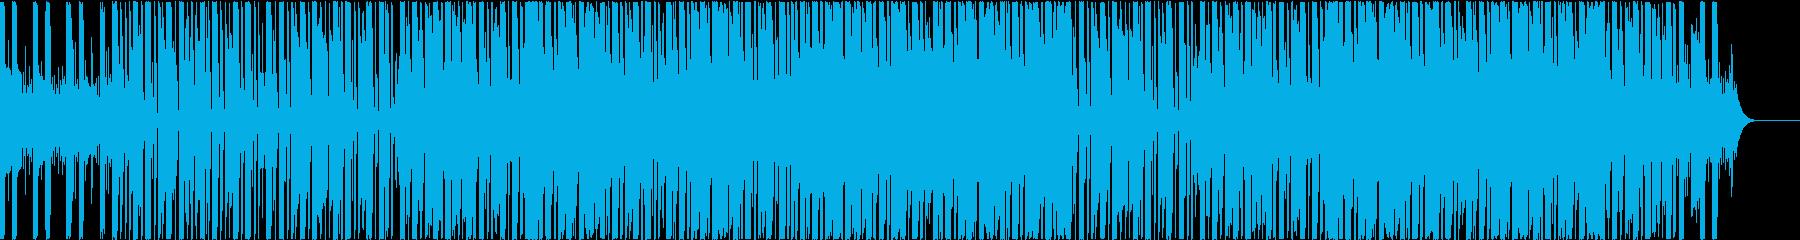 爽やかでスタイリッシュなヒップホップの再生済みの波形